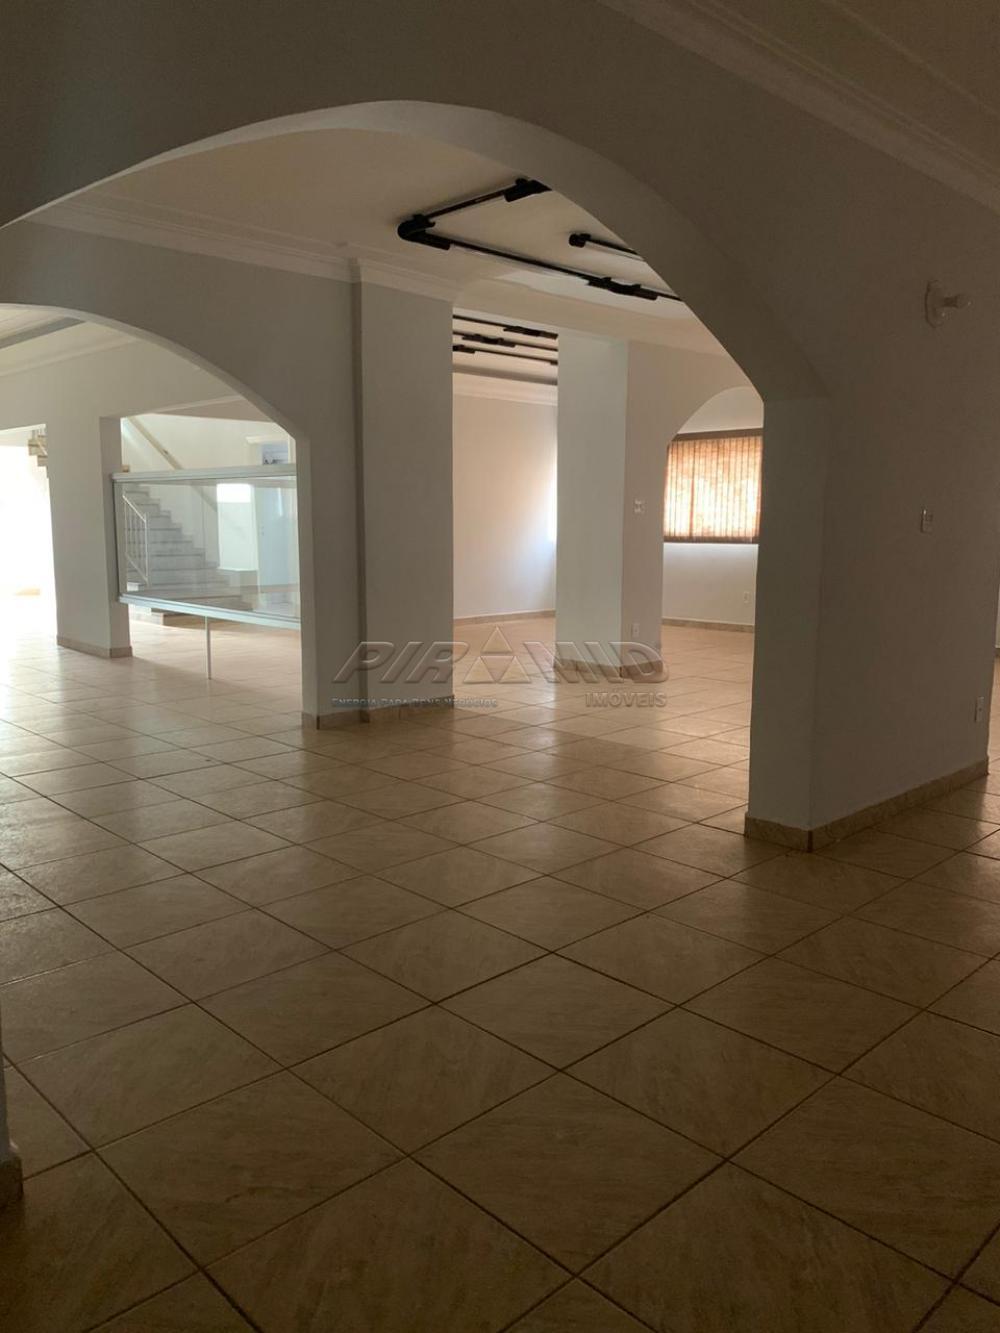 Alugar Comercial / Prédio em Ribeirão Preto apenas R$ 4.500,00 - Foto 8